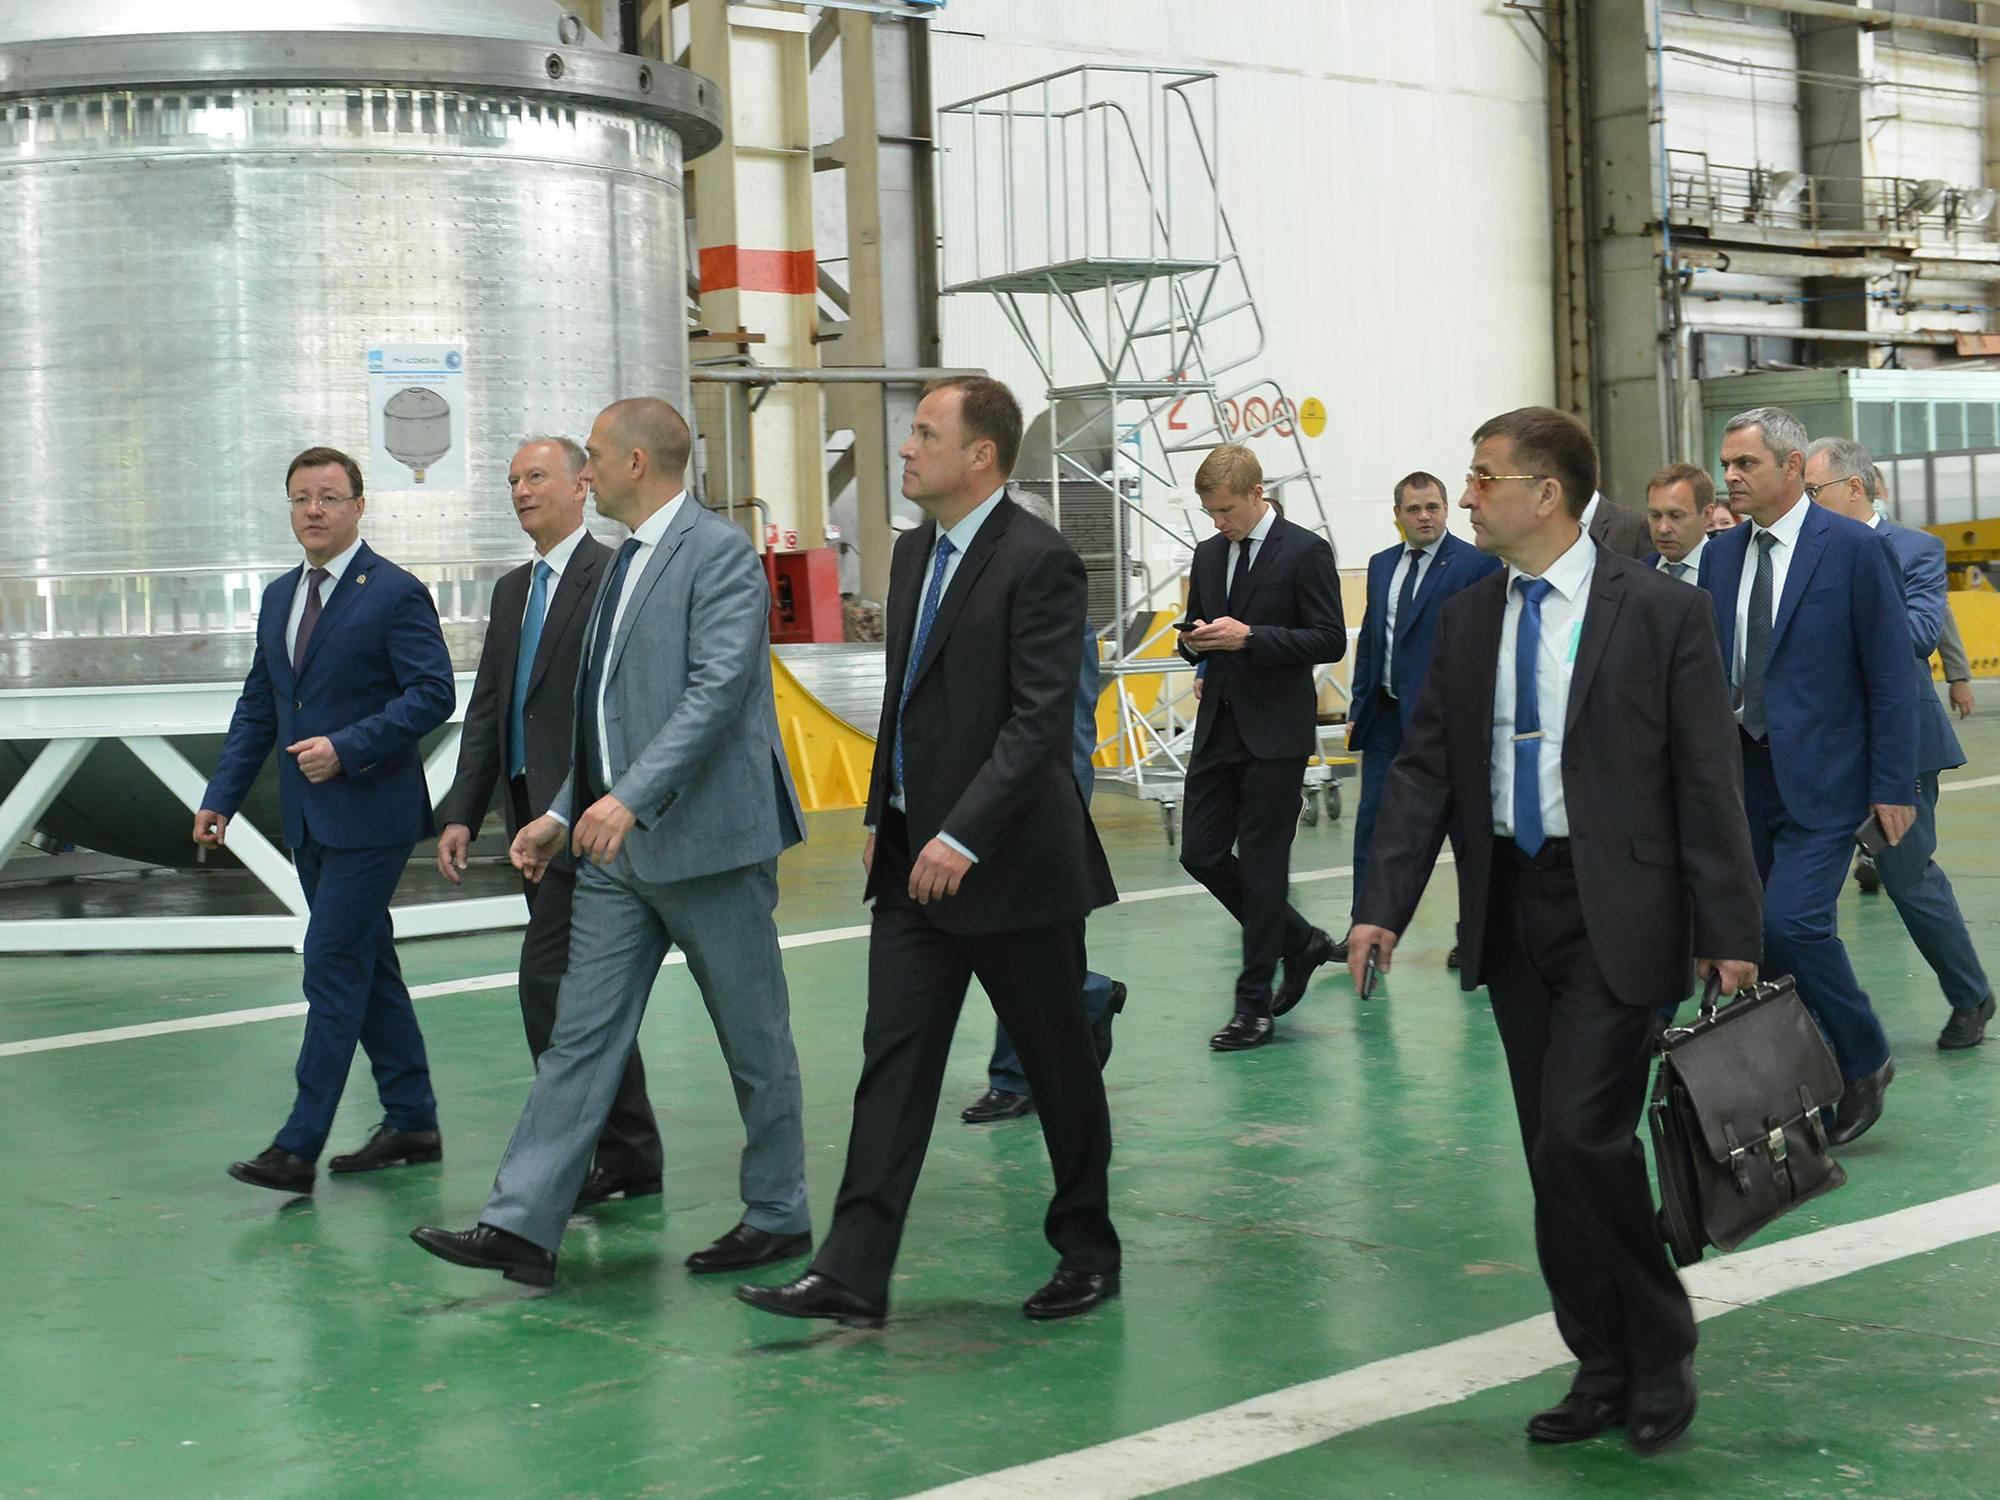 Les visiteurs dans l'atelier de production du lanceur Soyouz-5.